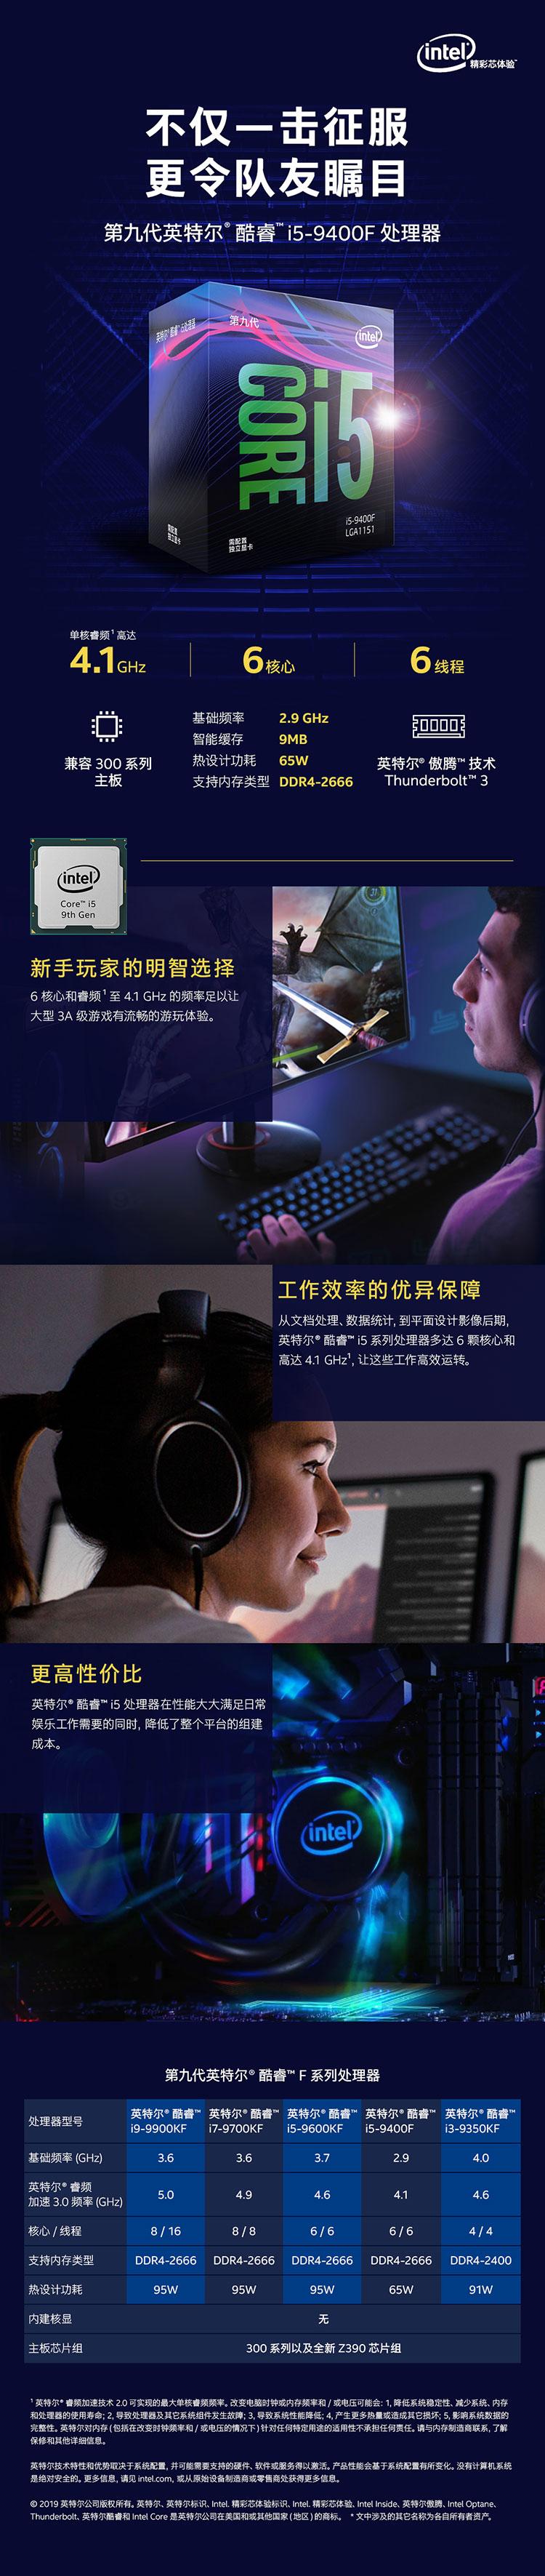 【英特尔i5 9400F】英特尔(Intel)i5 9400F 酷睿六核 盒装CPU处理器【行情 报价 价格 评测】-**.jpg